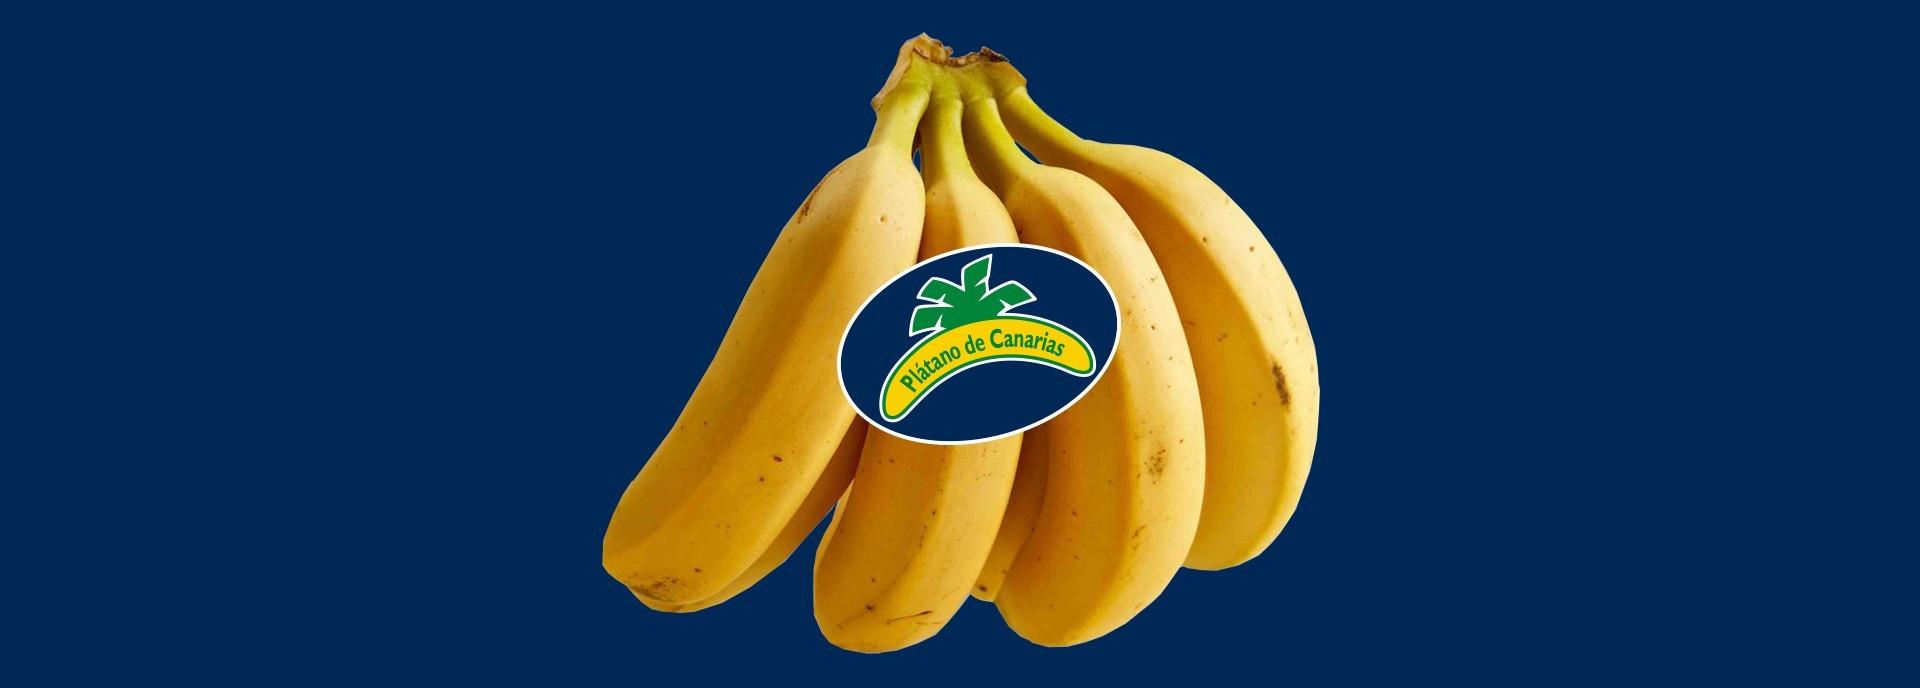 Saborea cada Día. Una campaña del plátano de Canarias